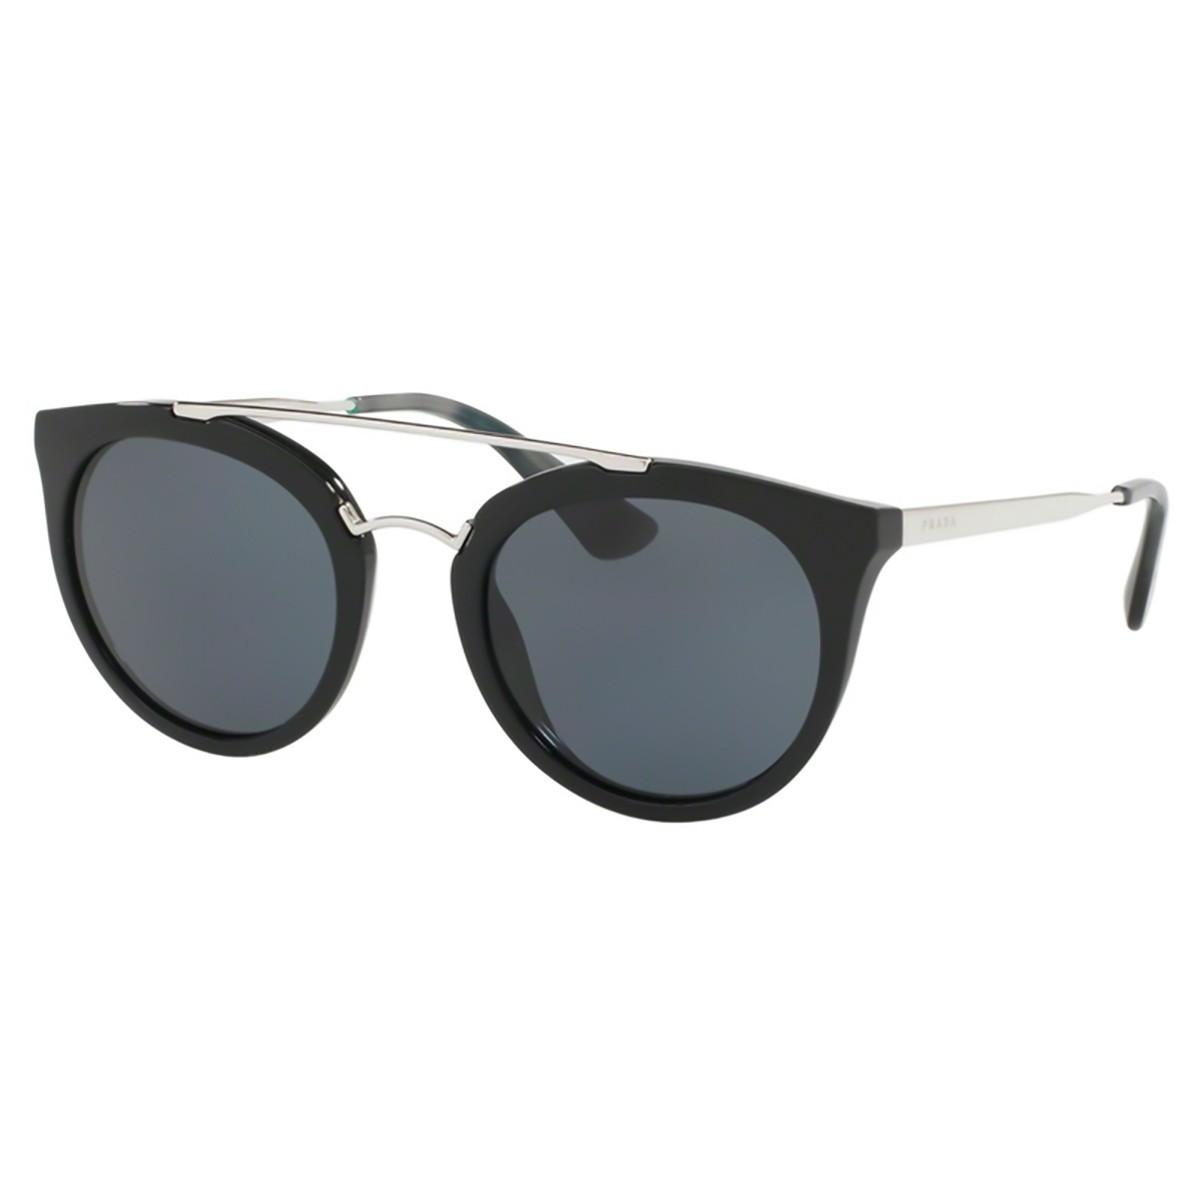 a2e65cc3fed84 Compre Óculos de Sol Prada em 10X